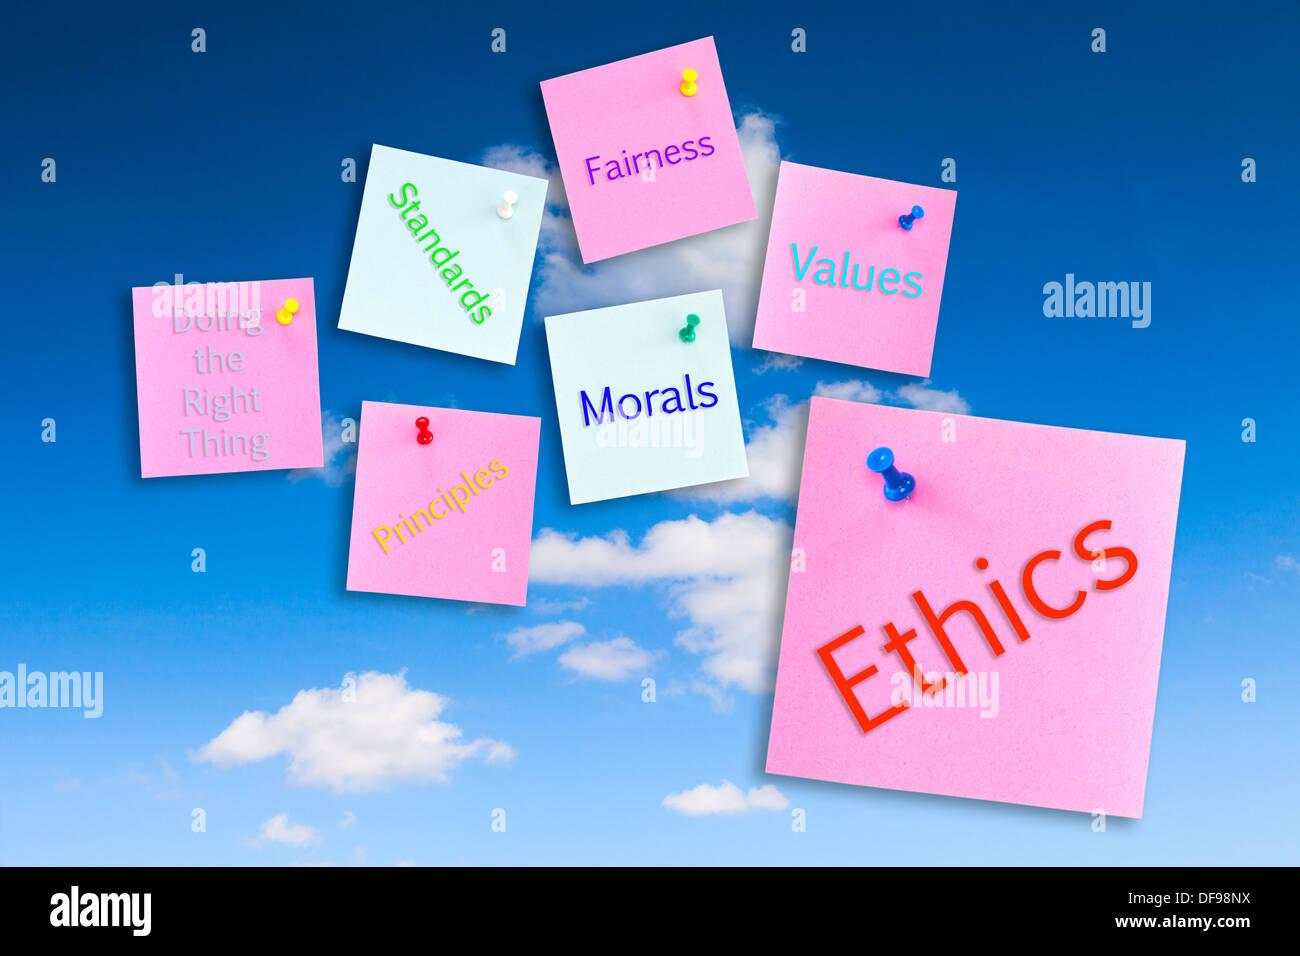 Il concetto di etica - note imperniata ad un cielo blu, l'etica,morale,valori,correttezza,Standard,principi,facendo la cosa giusta. Immagini Stock